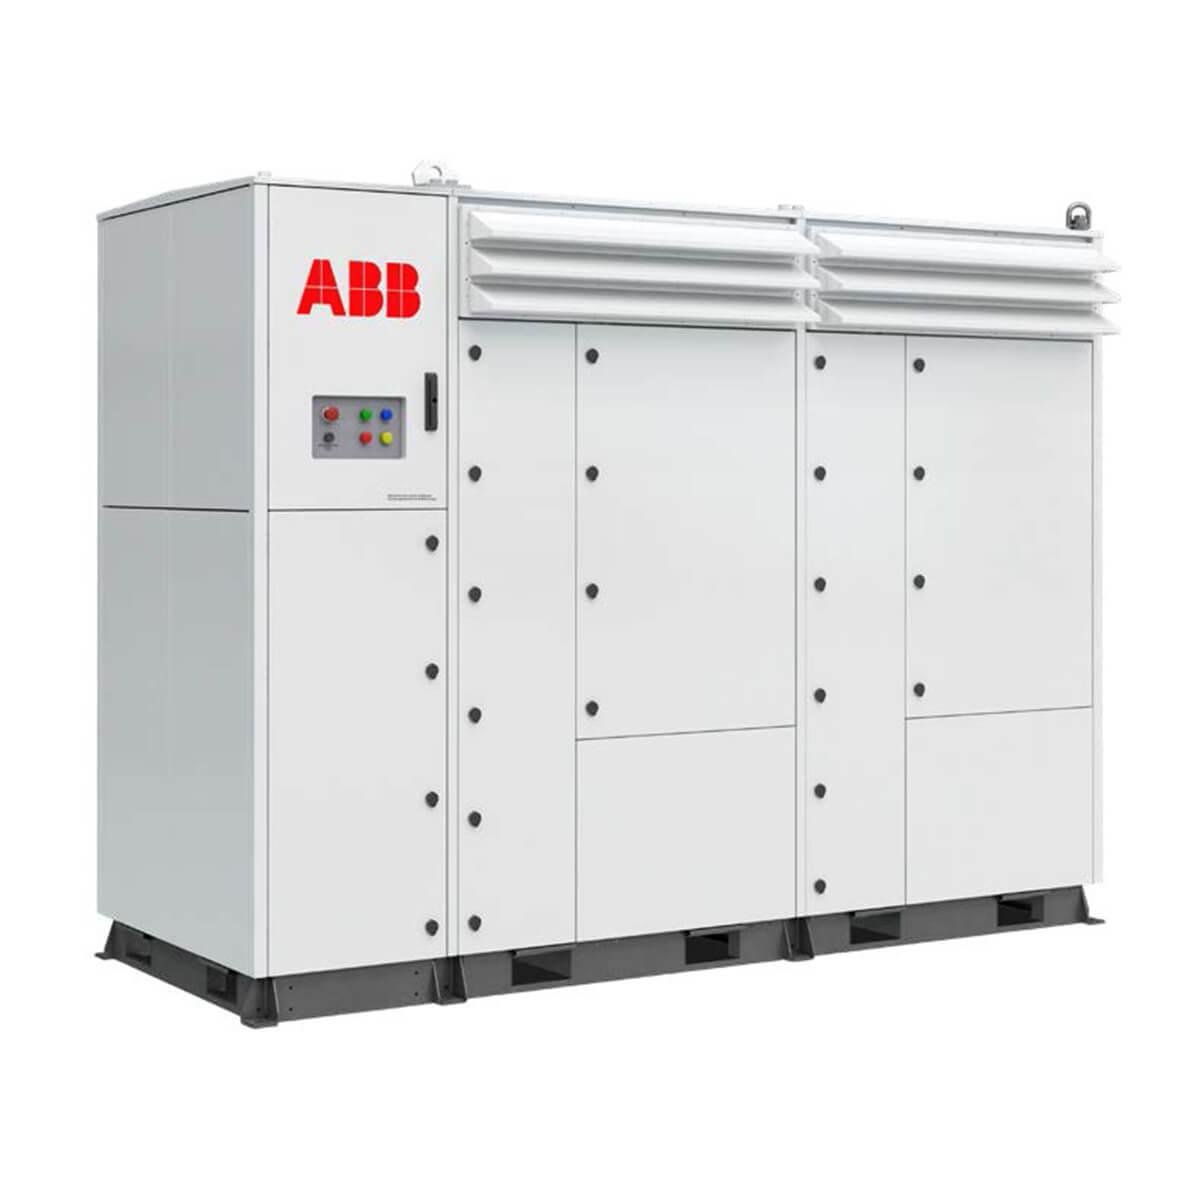 abb fimer 1909kW inverter, abb fimer pvs980-58 1919kW inverter, abb fimer pvs980-58-2.1-mva-1919kW-j inverter, abb fimer pvs980-58-2.1-mva-1919kW-j, abb fimer pvs980-58 1919 kW, ABB FIMER 1909 KW